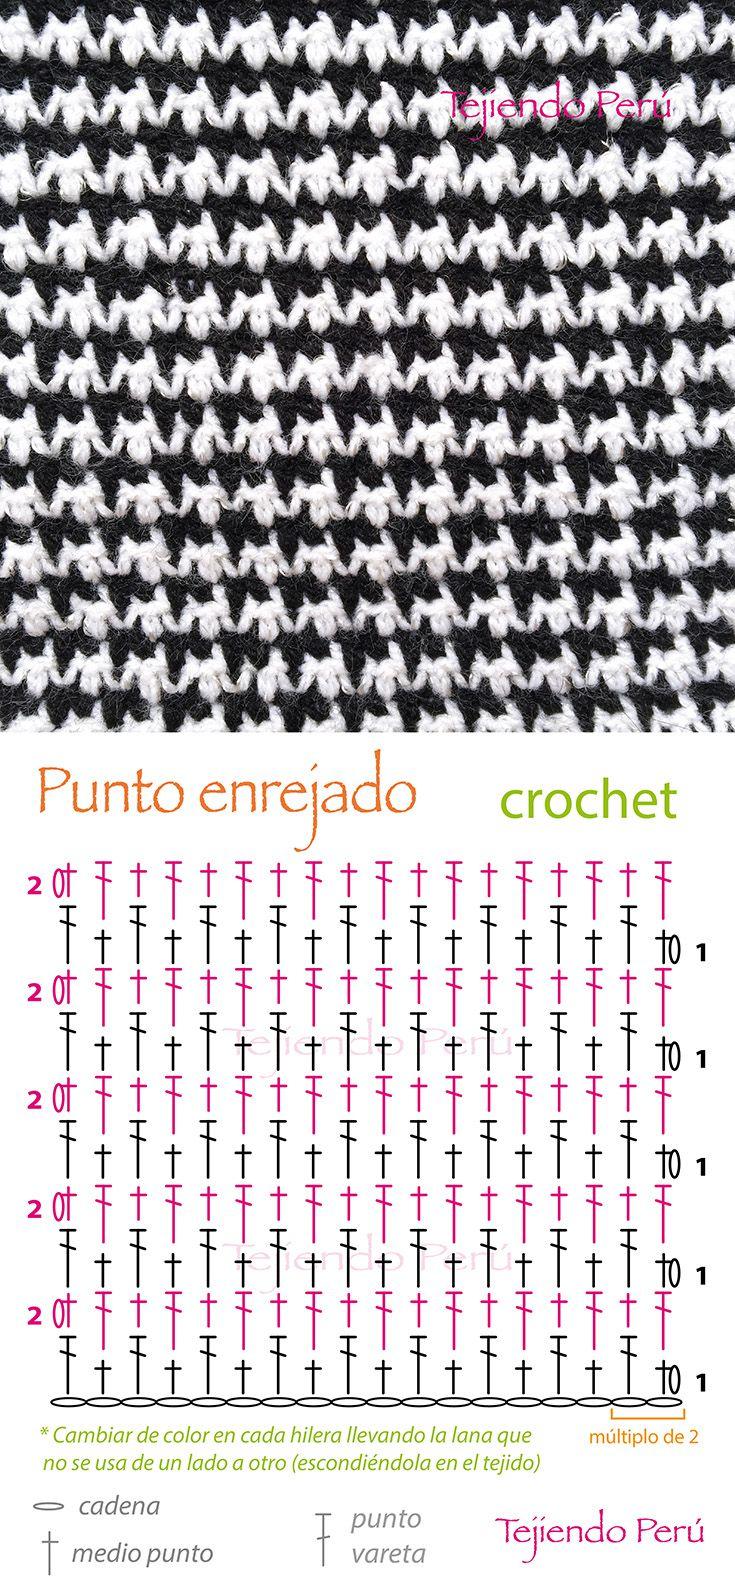 Crochet: punto enrejado pie de gallo o pied de poule (diagrama ...